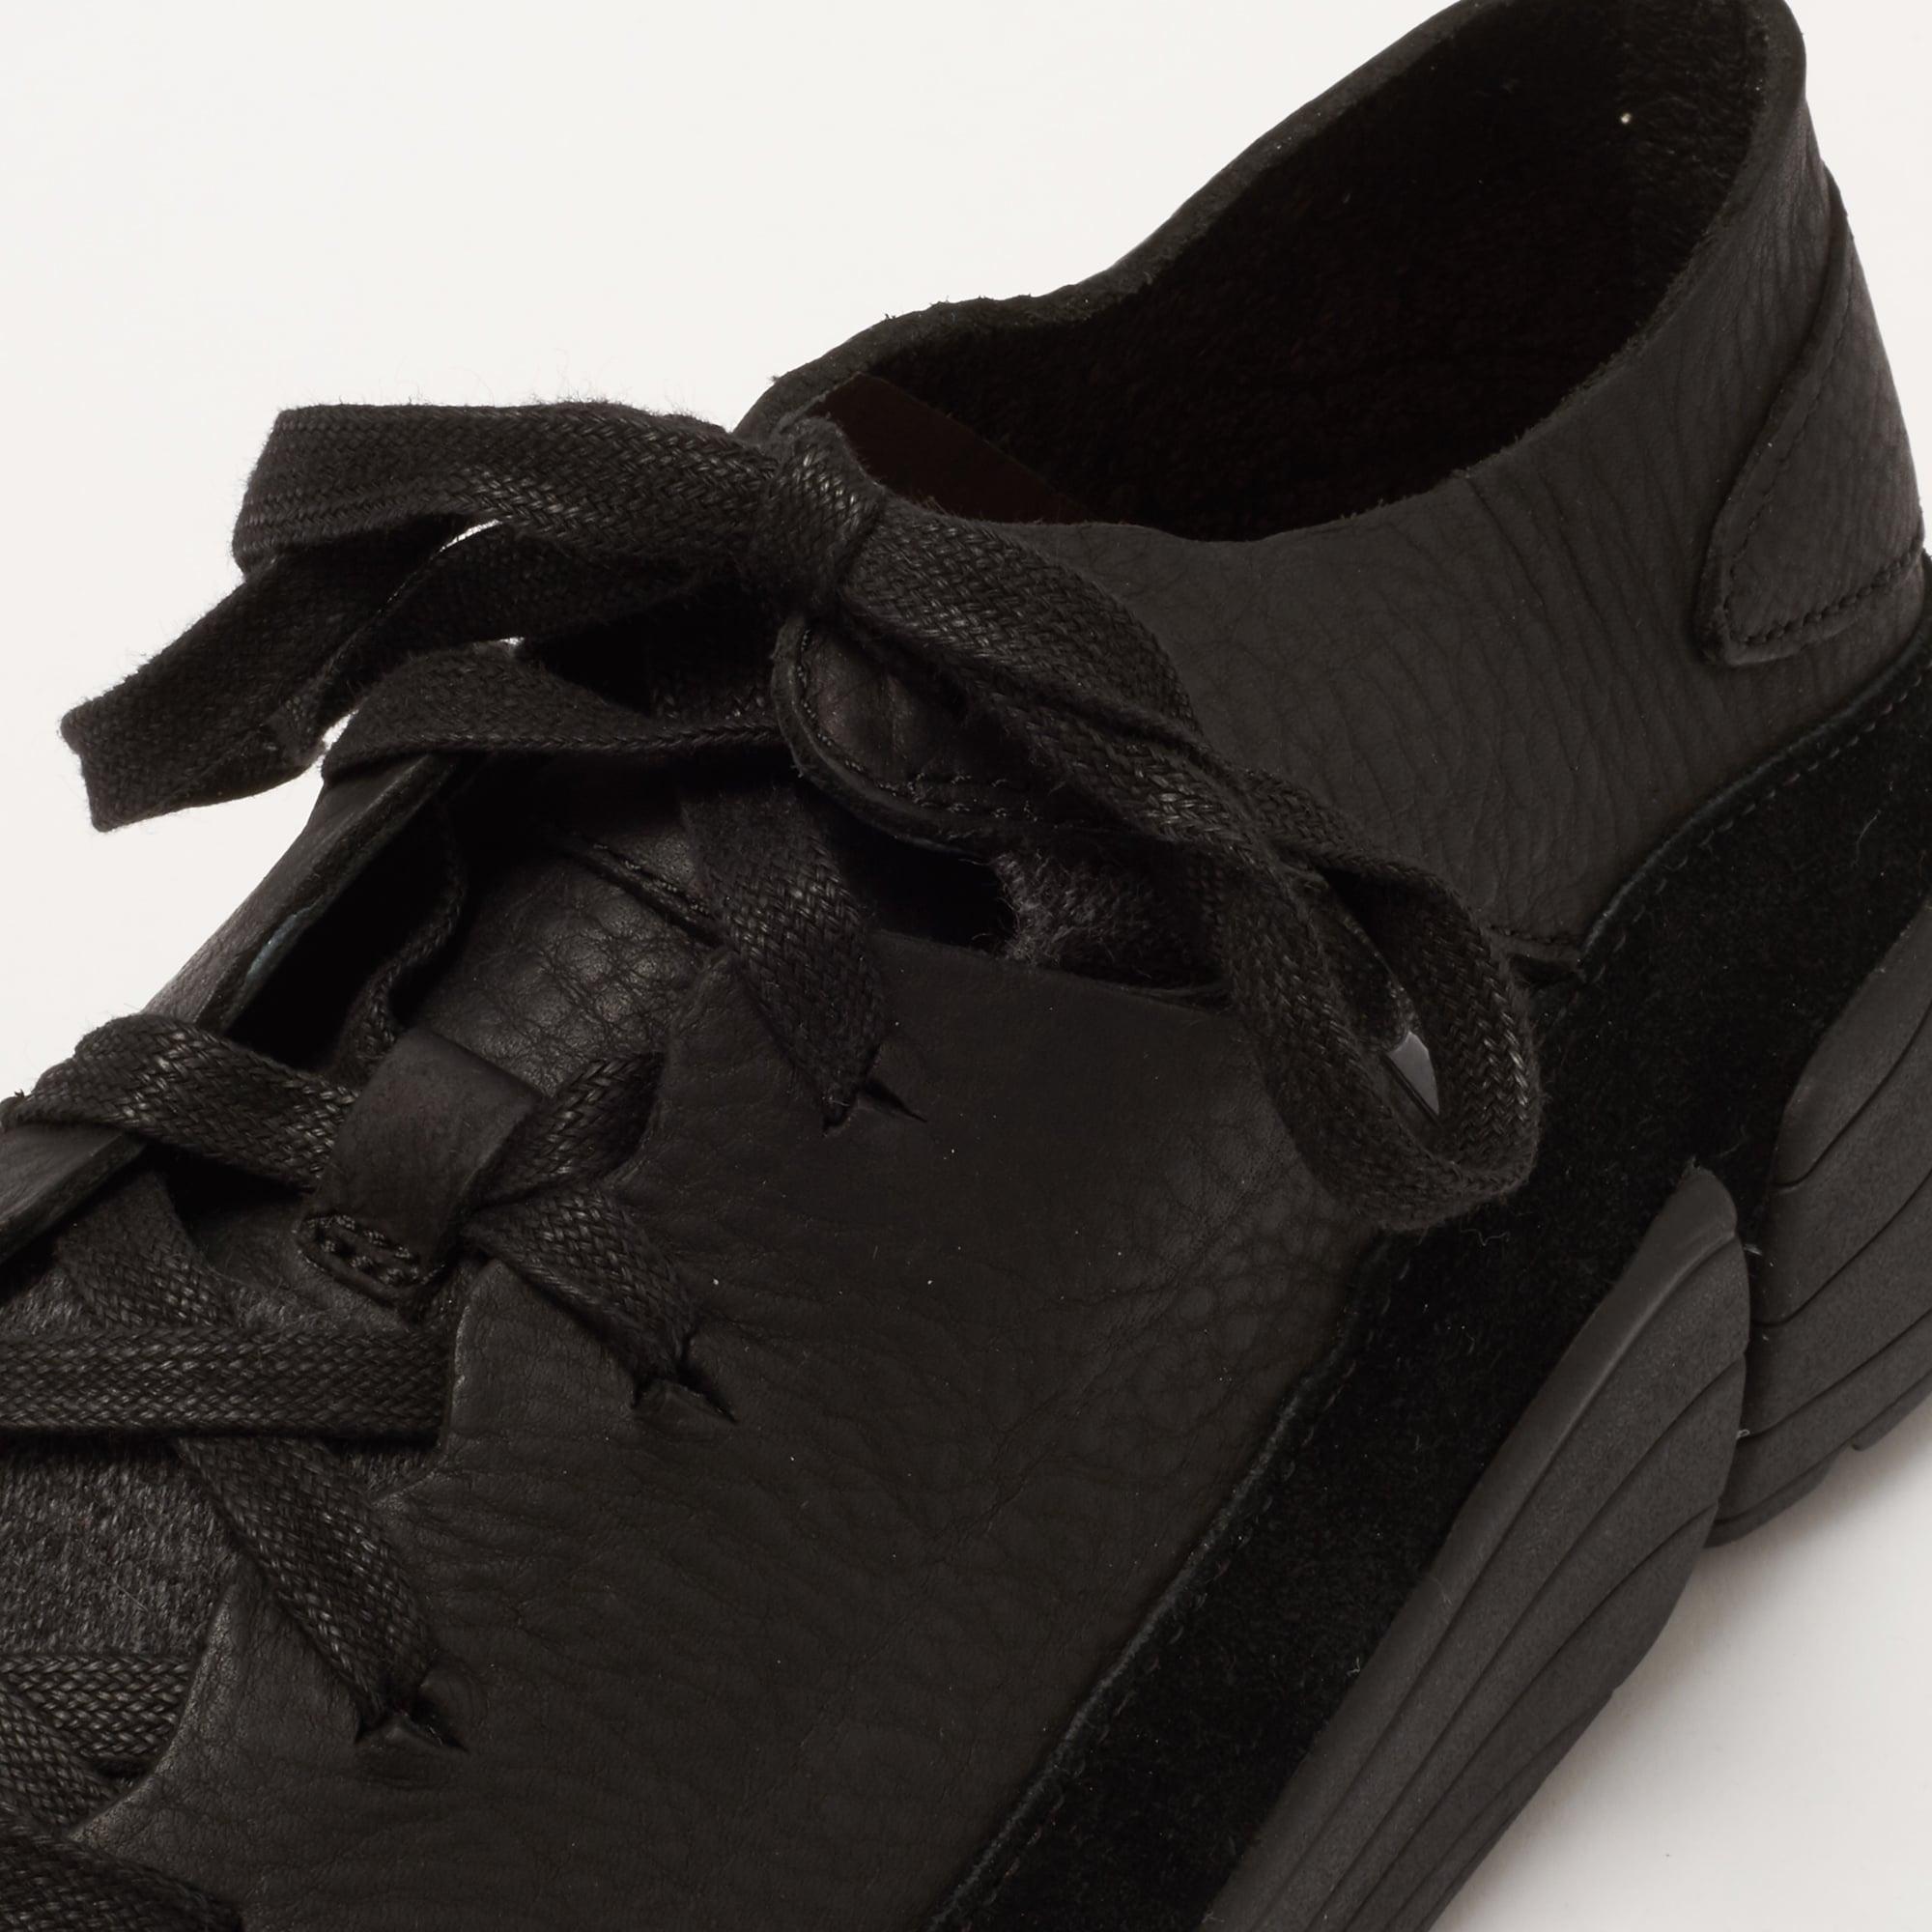 4034e1c8b8a4e3 Clarks Originals Black Leather Trigenic Evo Shoes 283267